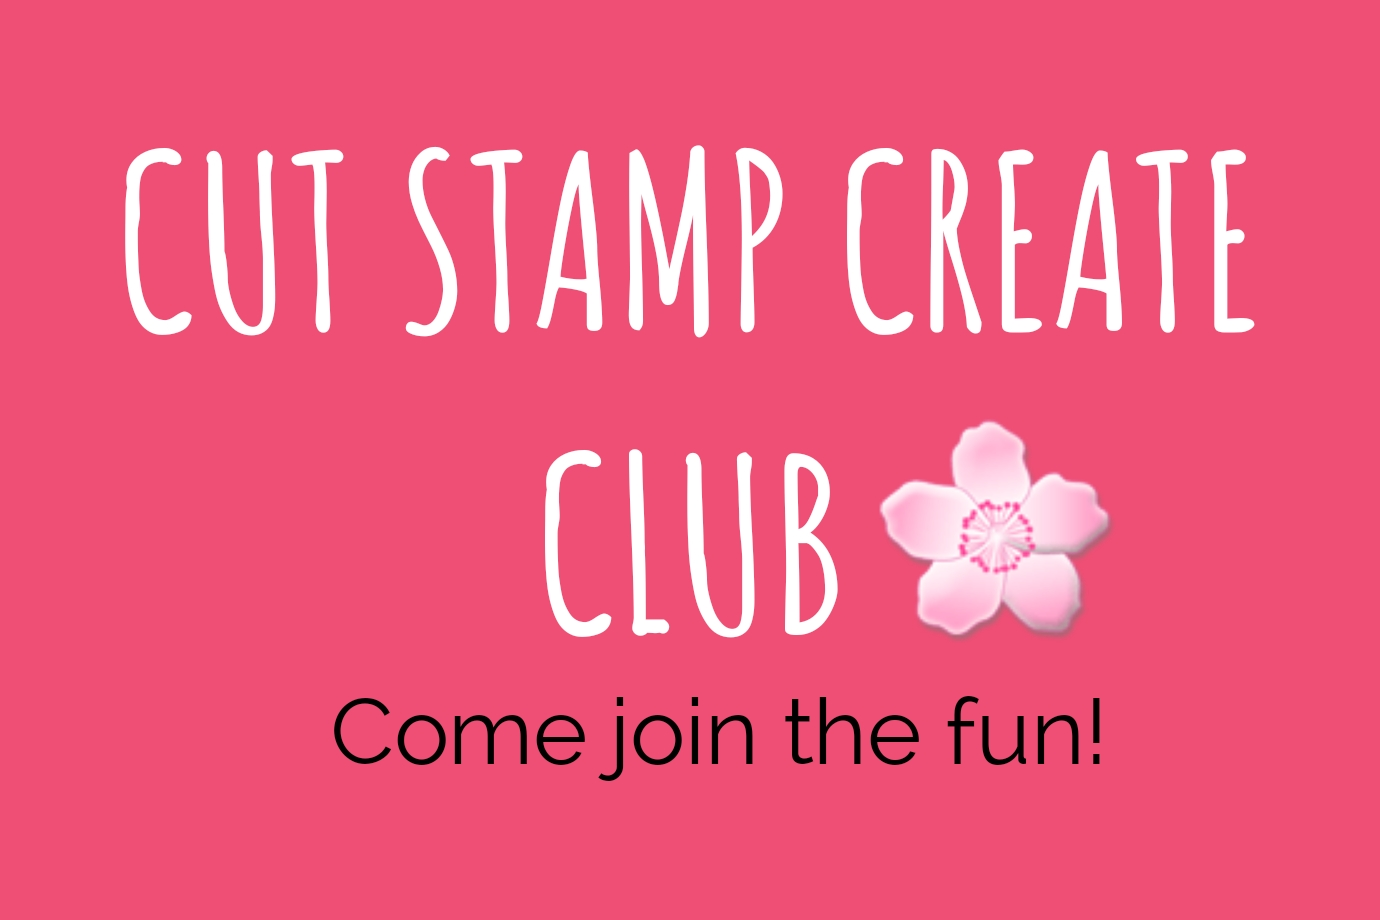 CUT STAMP CREATE CLUB